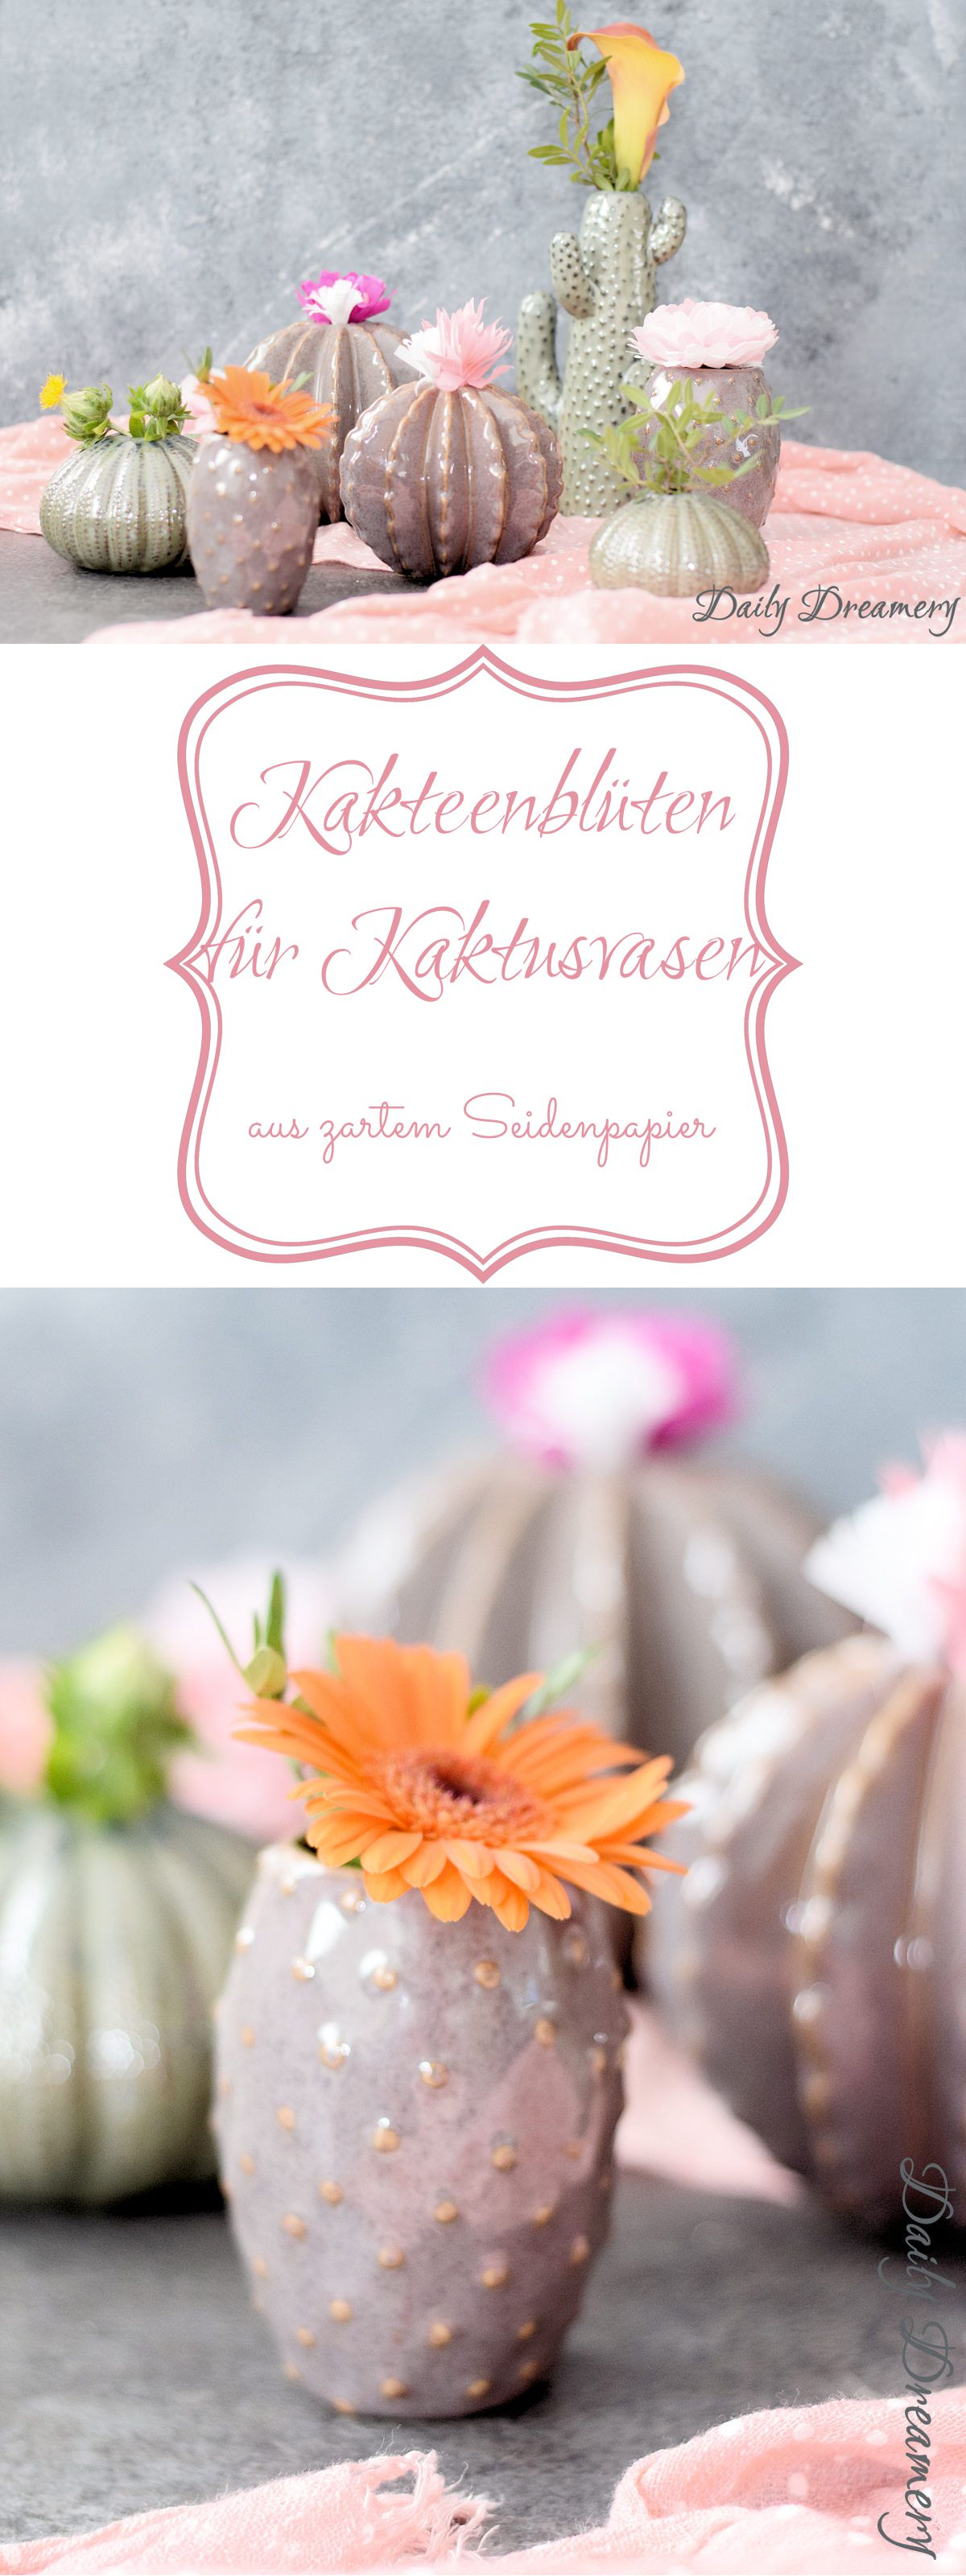 farbenfrohe Kaktusblüten für deine Vasen - für fröhliche Farbkleckse in deinem Zuhause #kakteen #diy #vasen